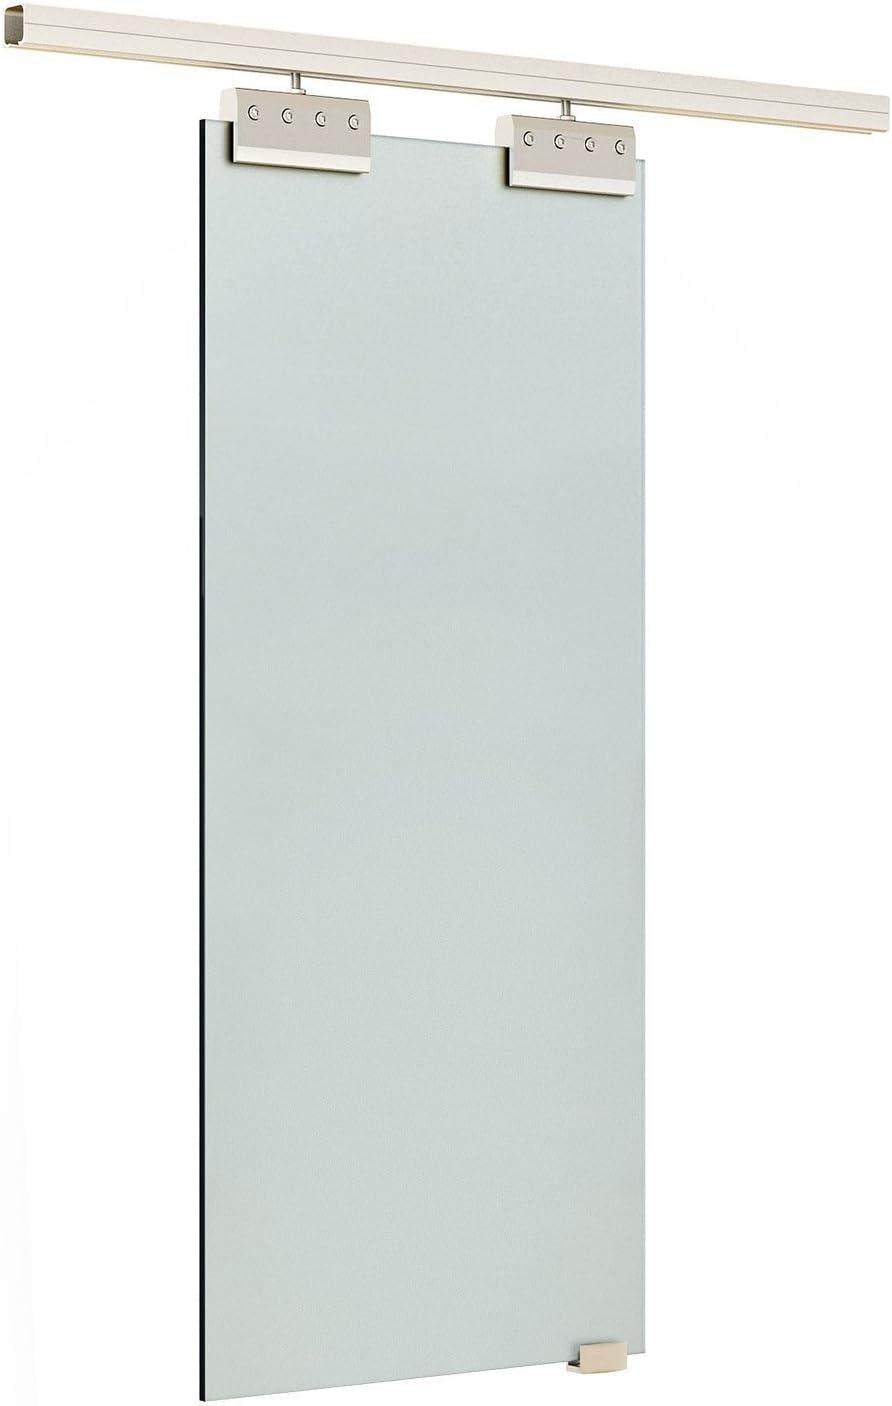 HOMCOM Puerta Corredera 205x90cm Puertas Vidrio Corrediza Deslizante Cristal sin obra